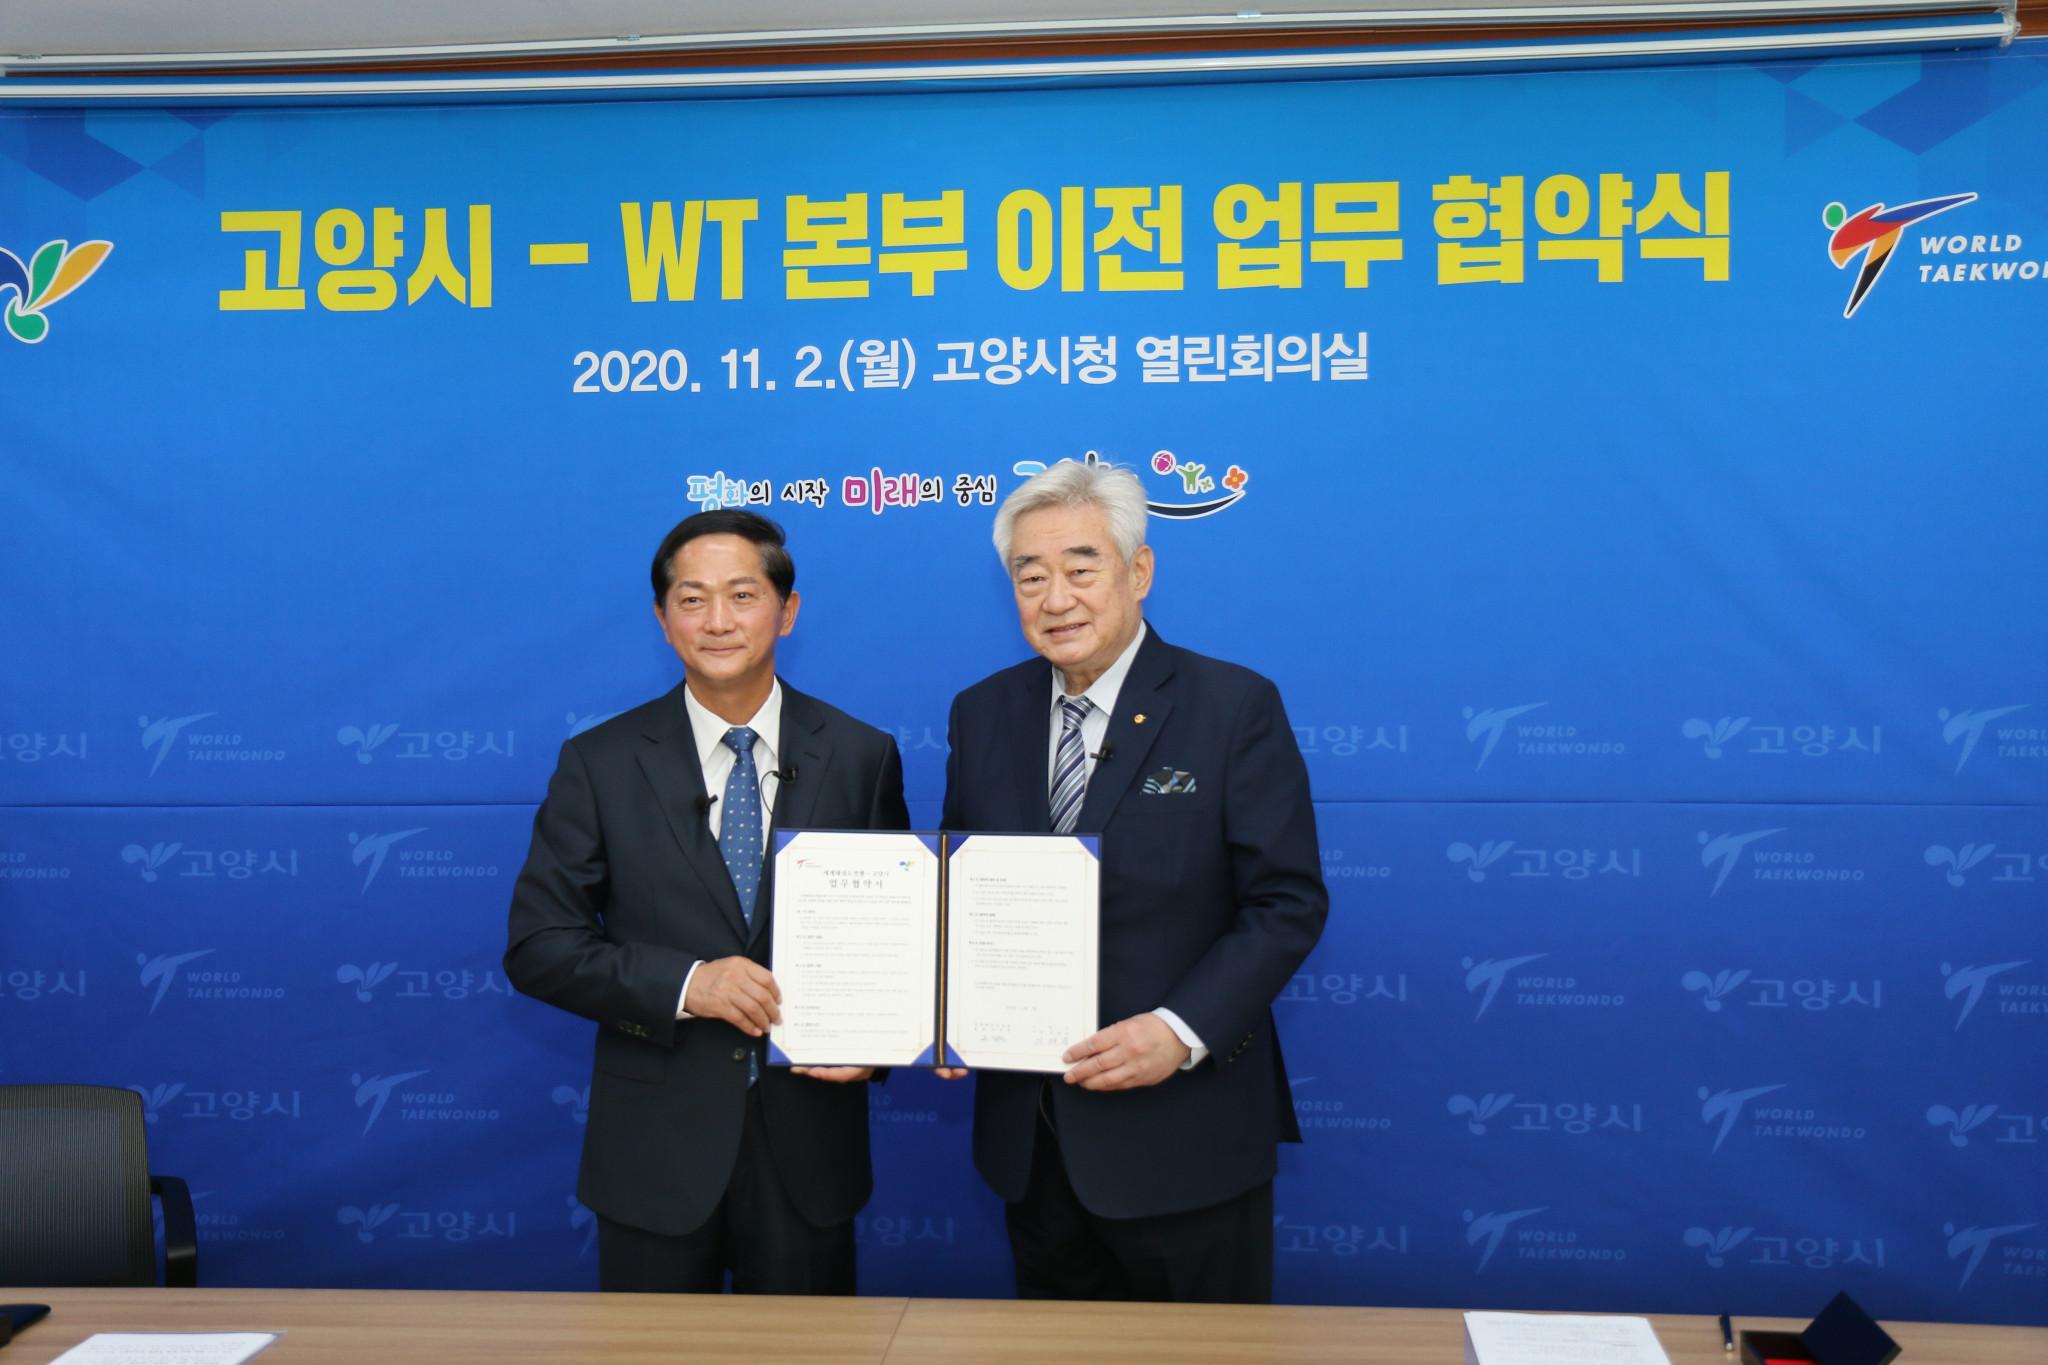 World Taekwondo President Chungwon Choue, right, signed an agreement today with Goyang Mayor Lee Jae-joon ©World Taekwondo